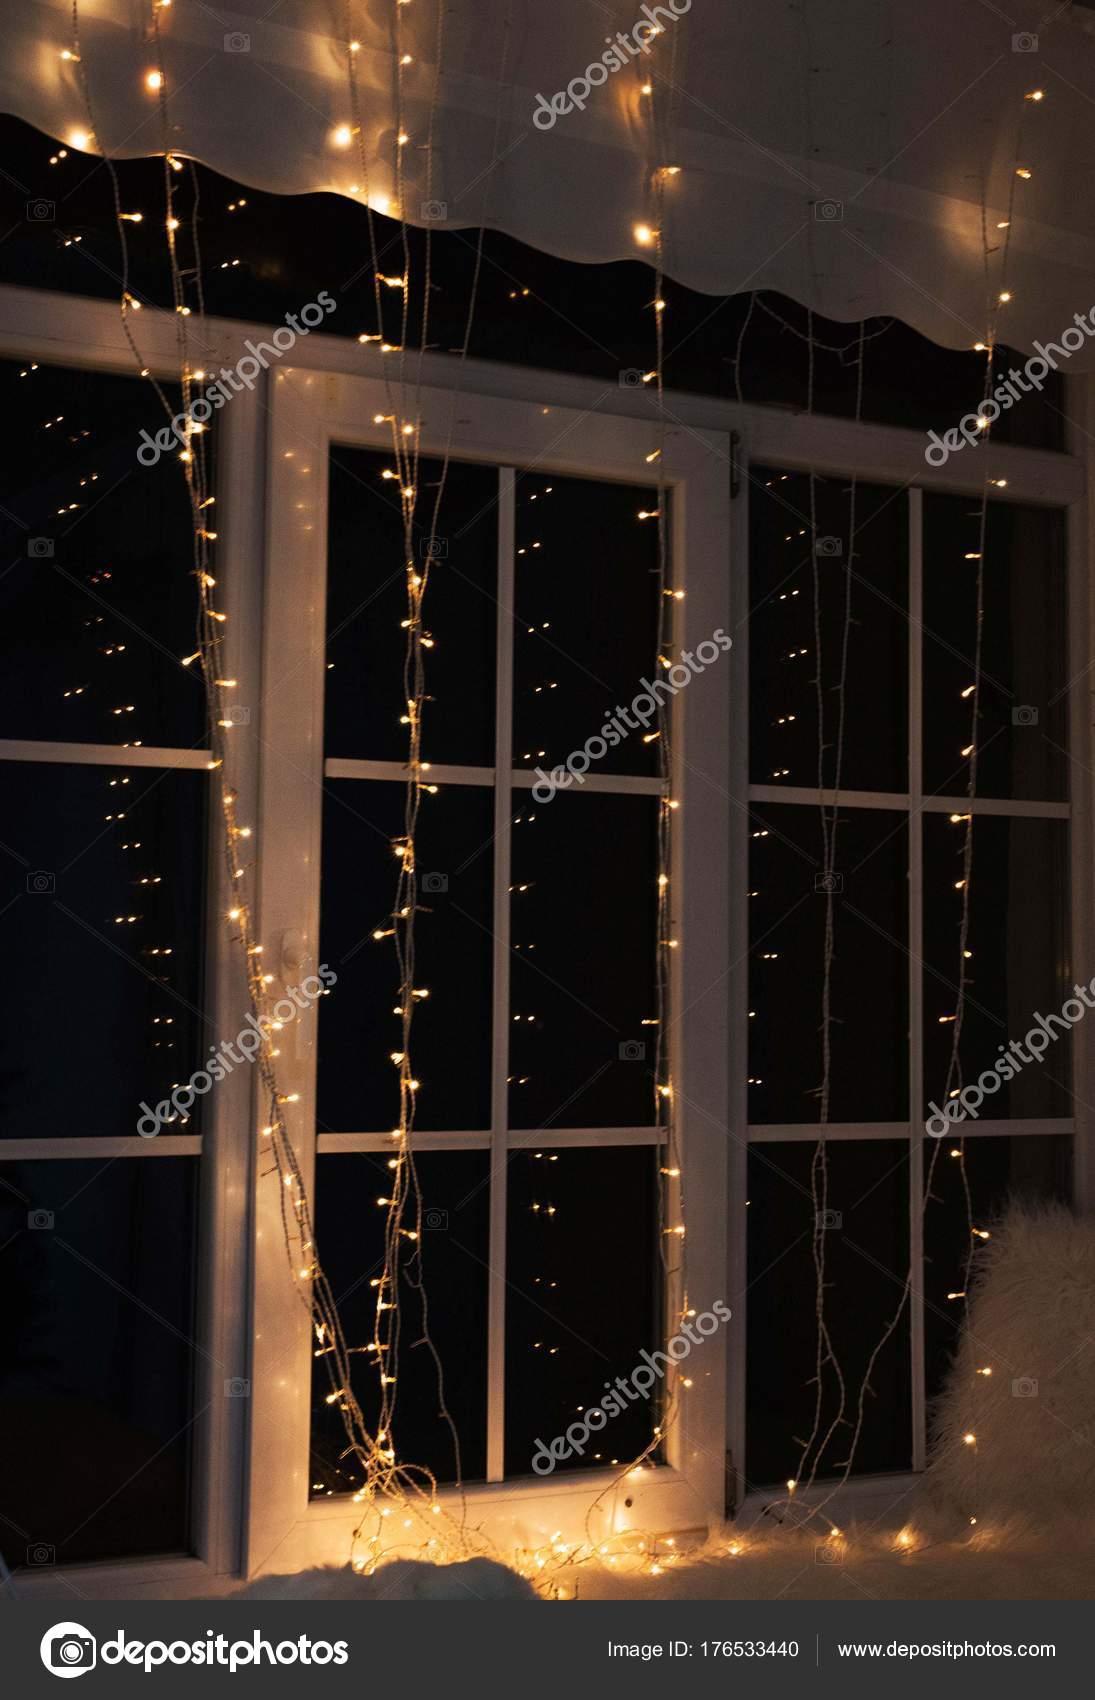 Weihnachten Fensterdekoration Weihnachts Stimmung Innenräume